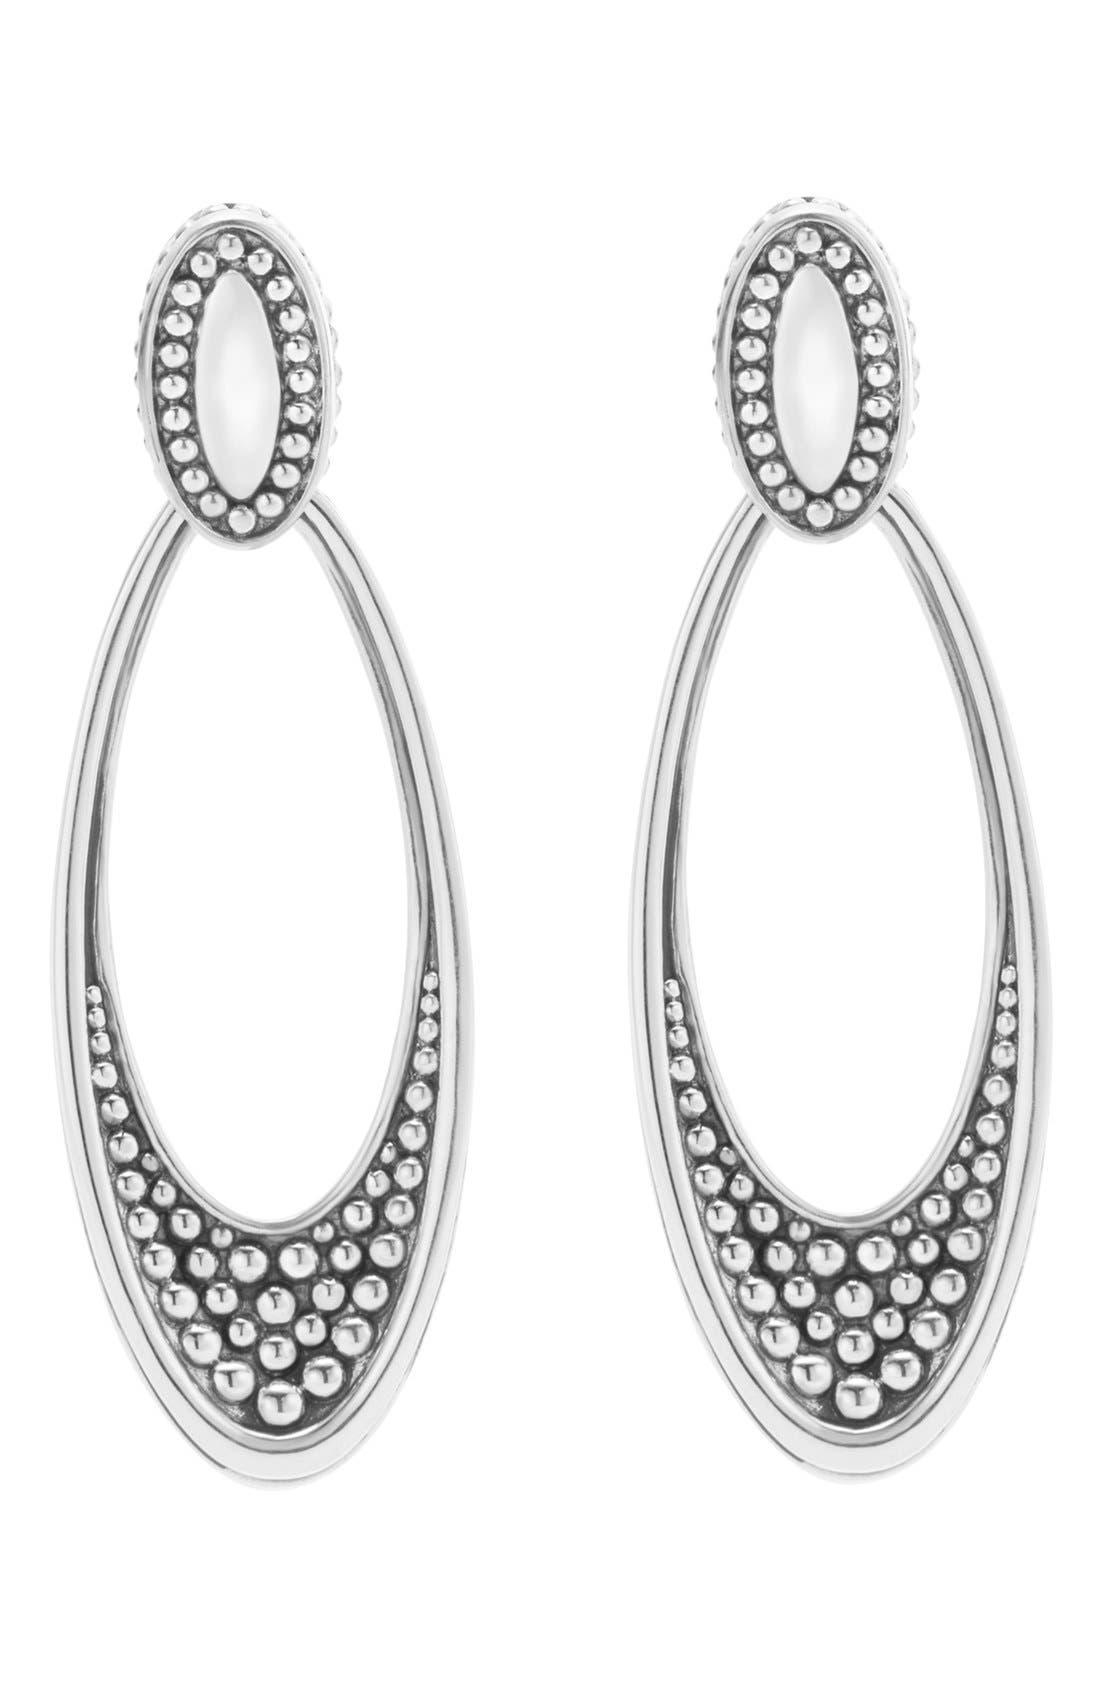 Main Image - LAGOS 'Signature Caviar' Omega Drop Earrings